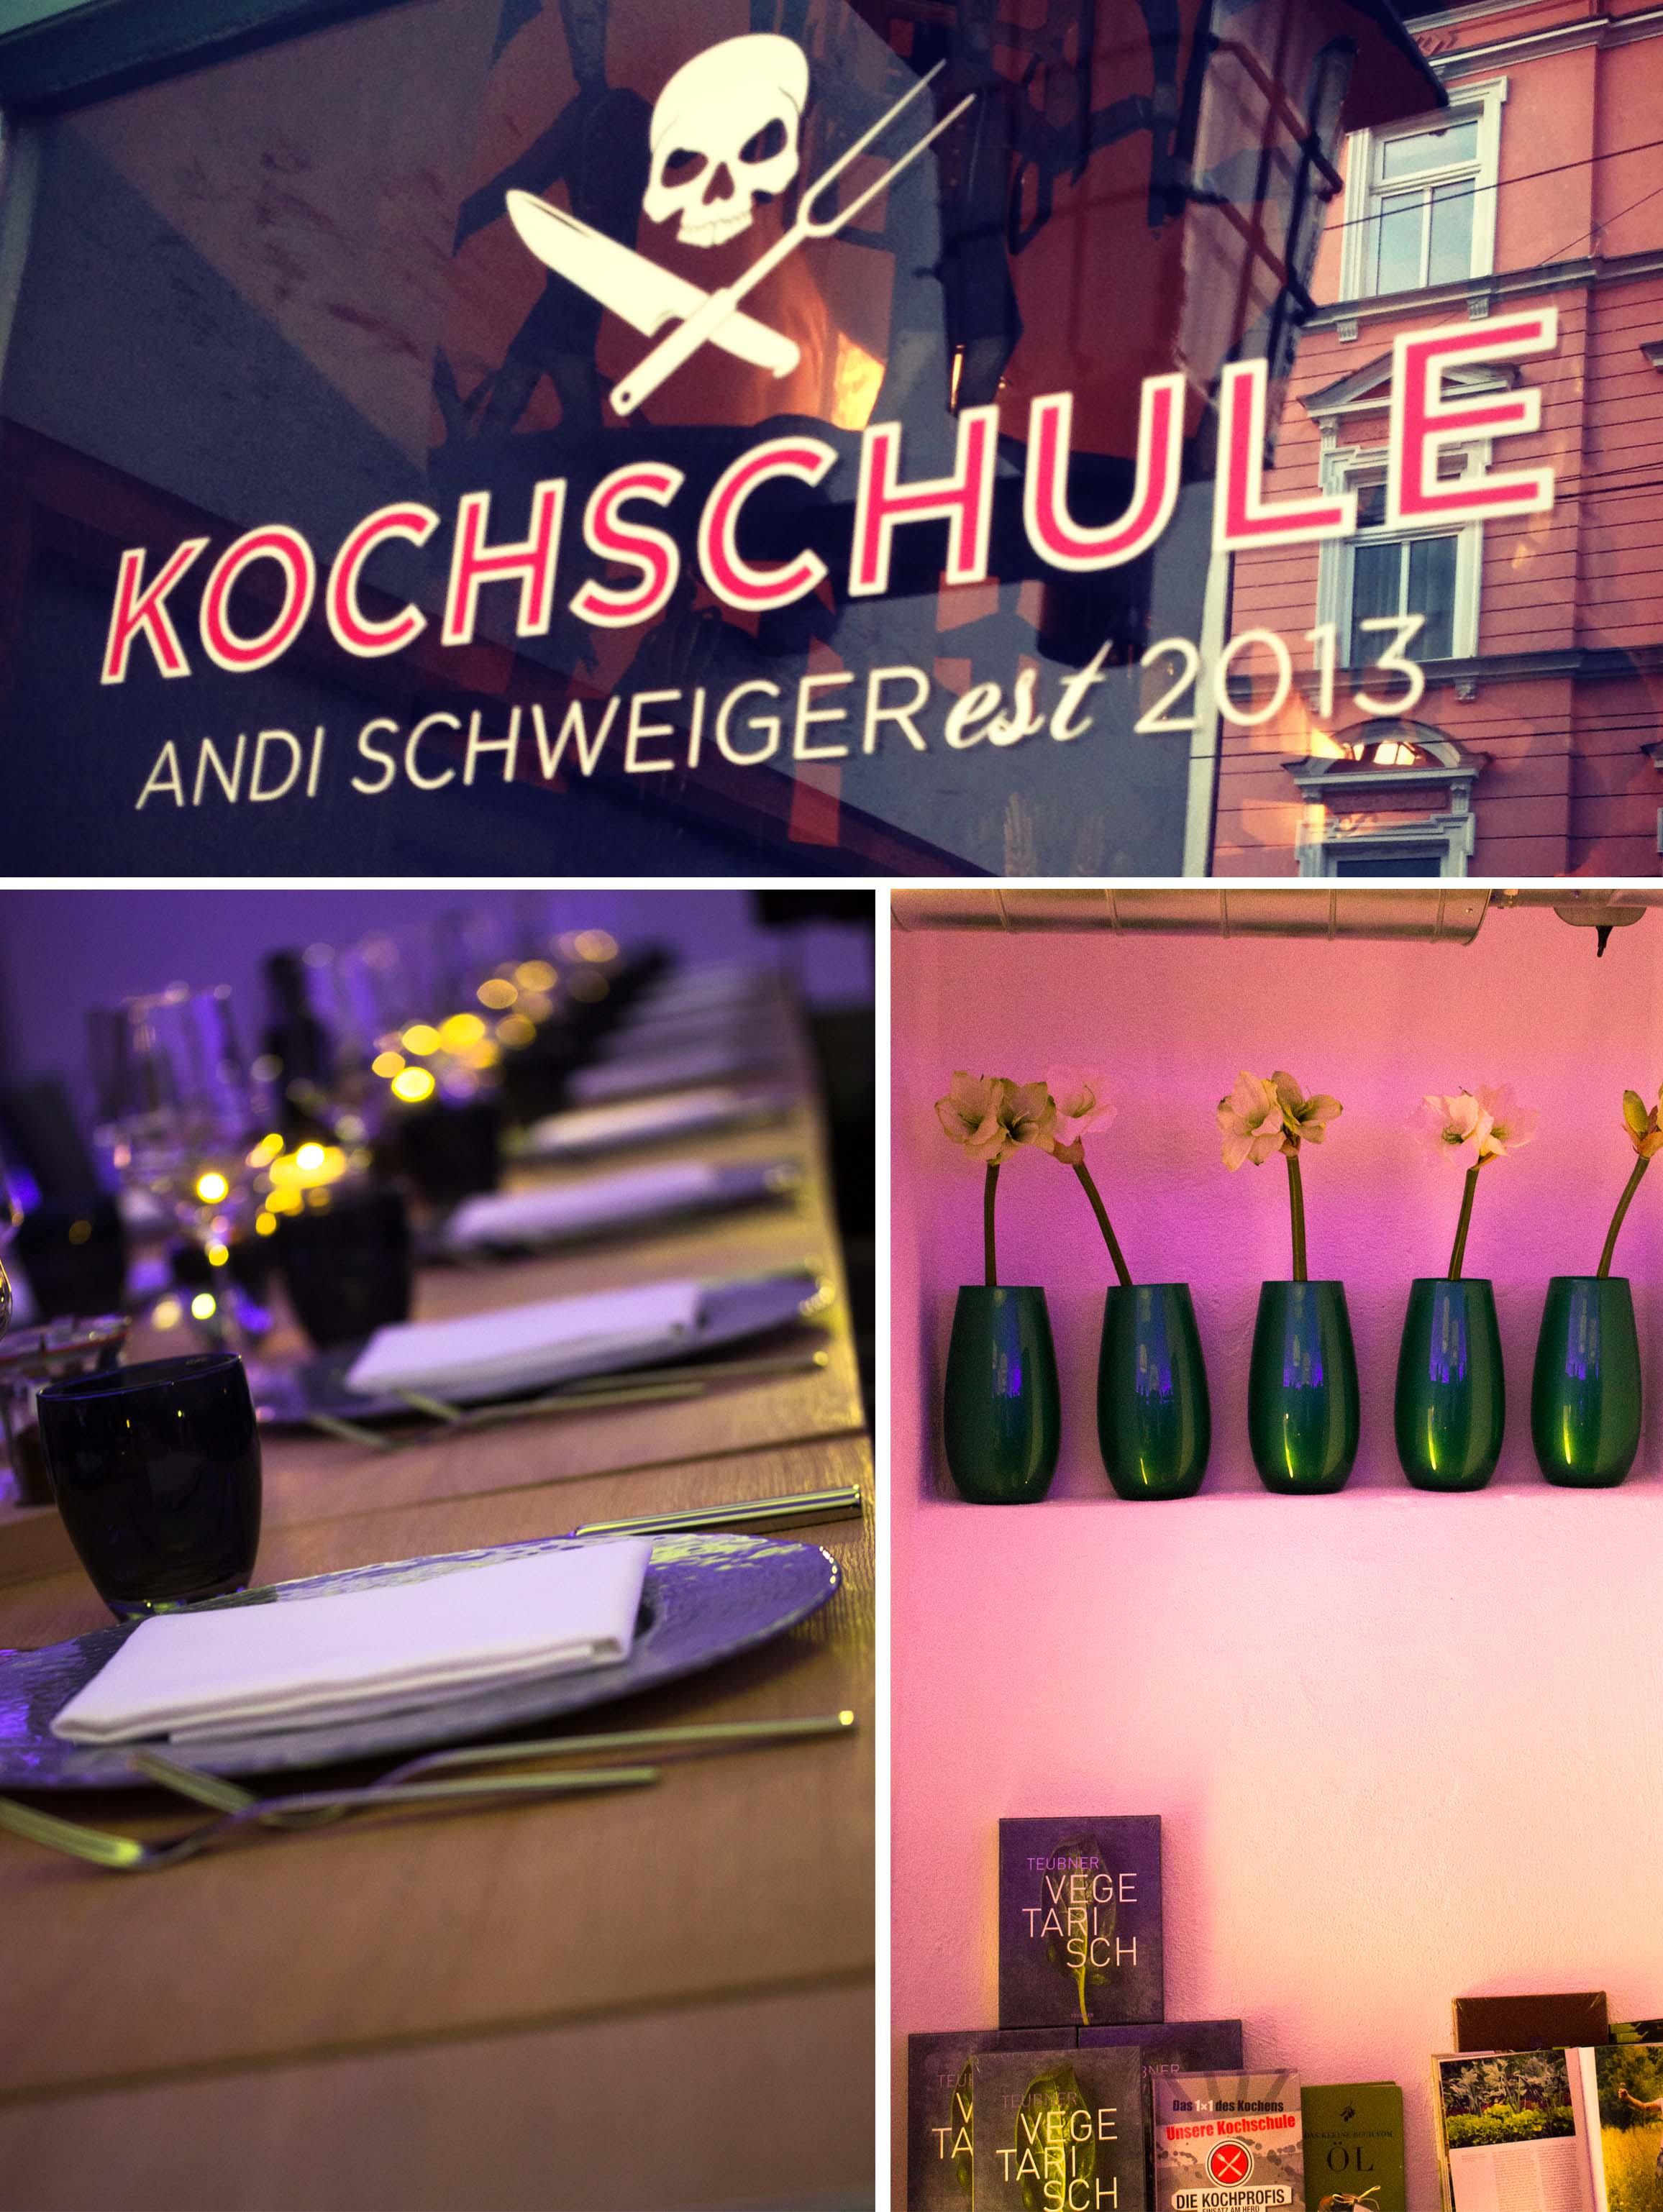 Andi Schweiger Kochschule München